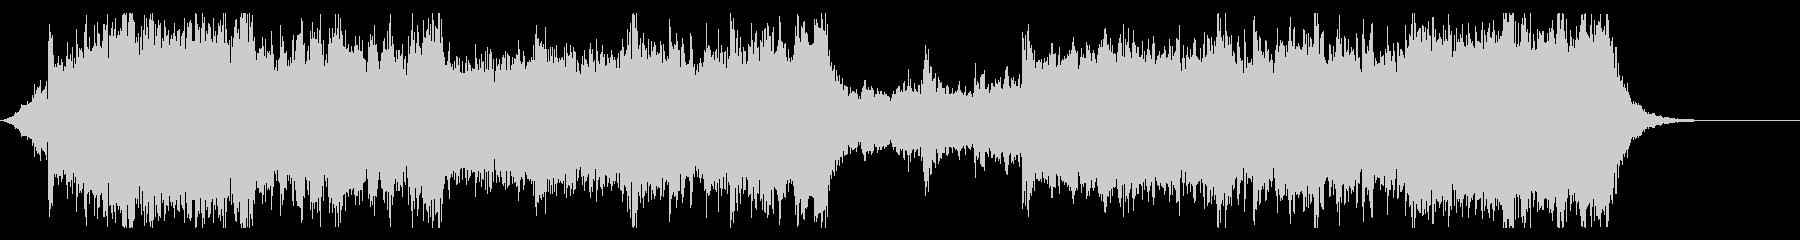 texture16の未再生の波形